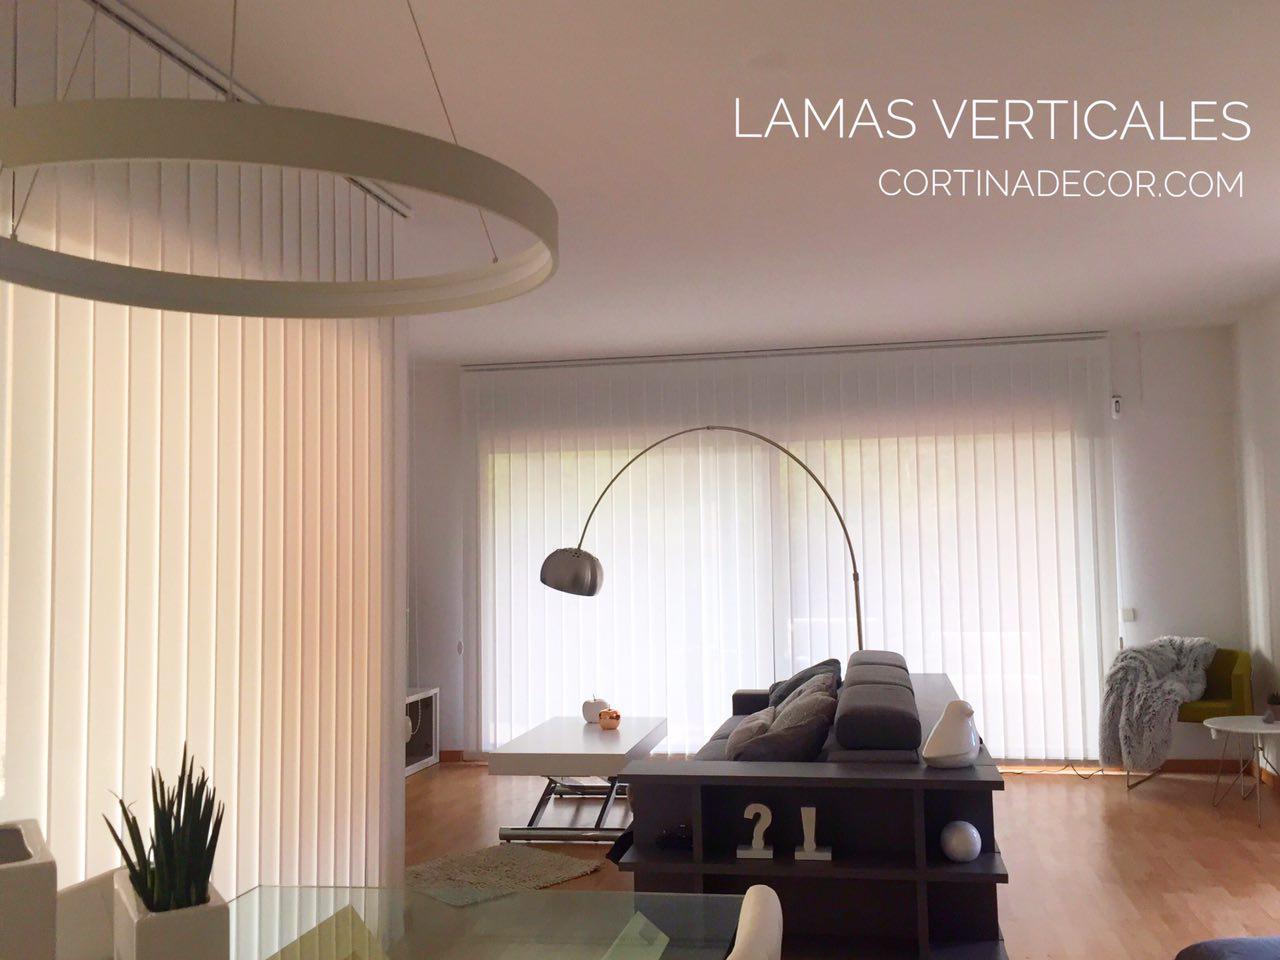 Tendencias en cortinas verticales de Cortinadecor